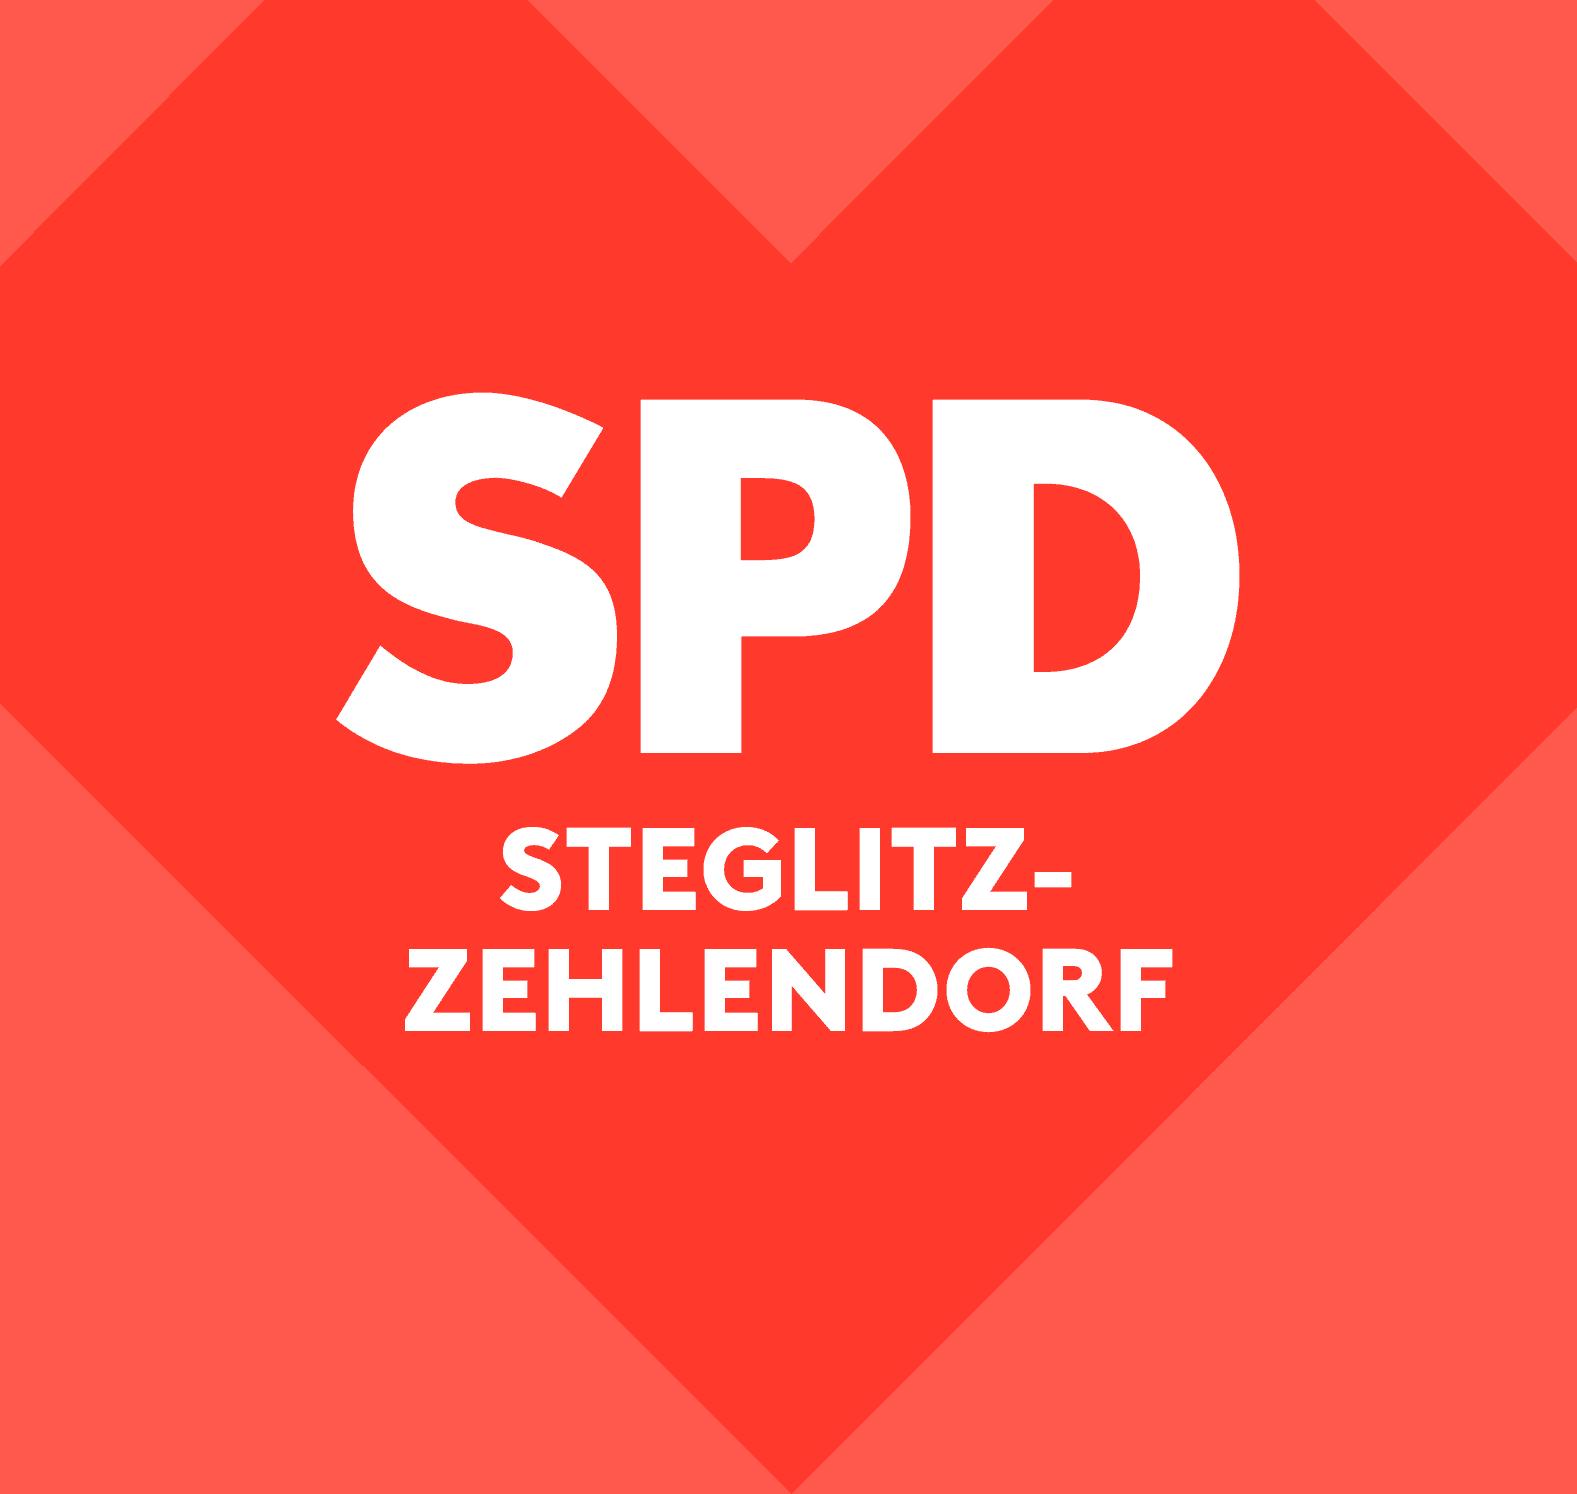 SPD Steglitz-Zehlendorf